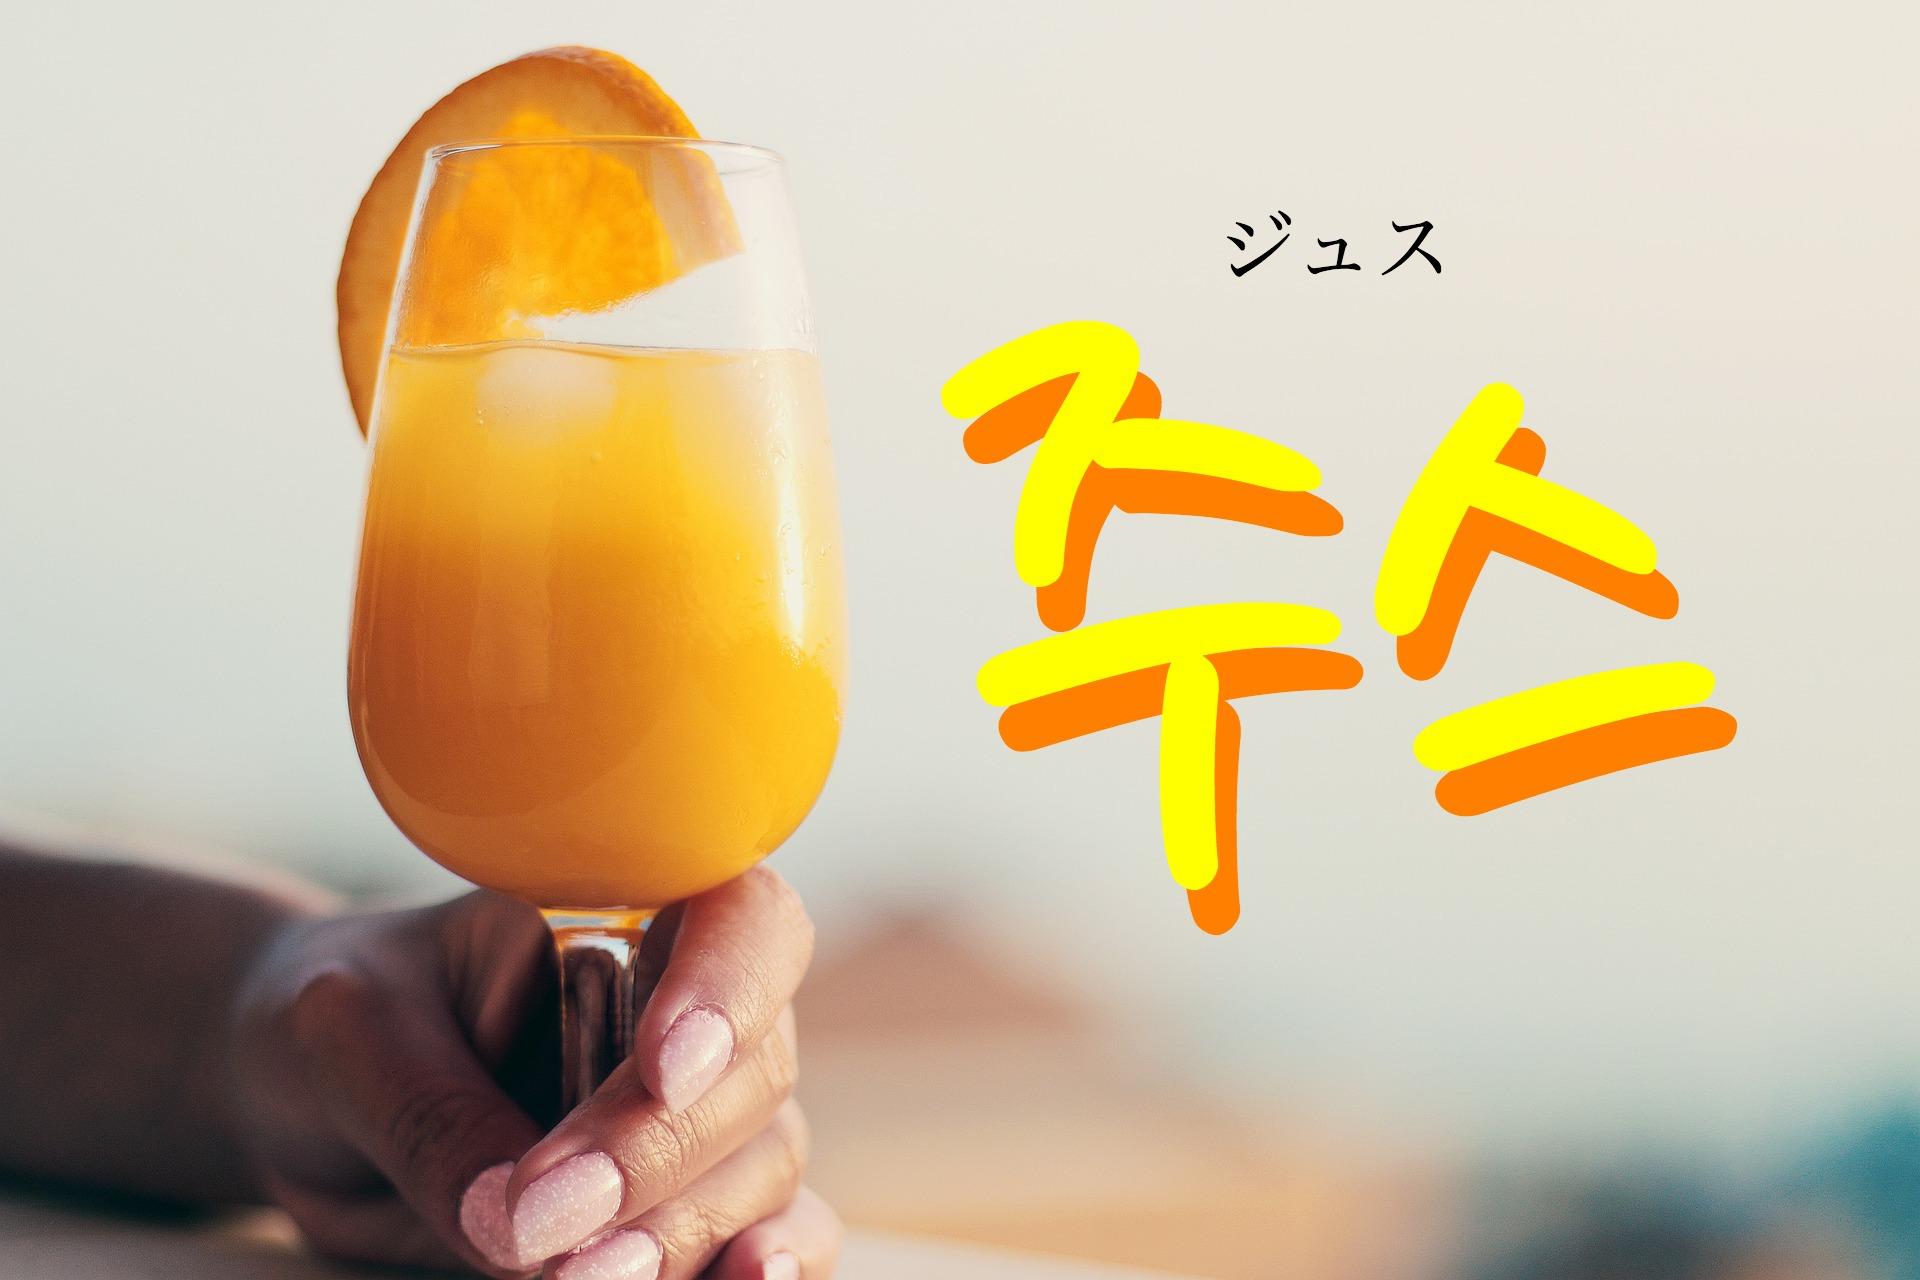 koreanword-juice